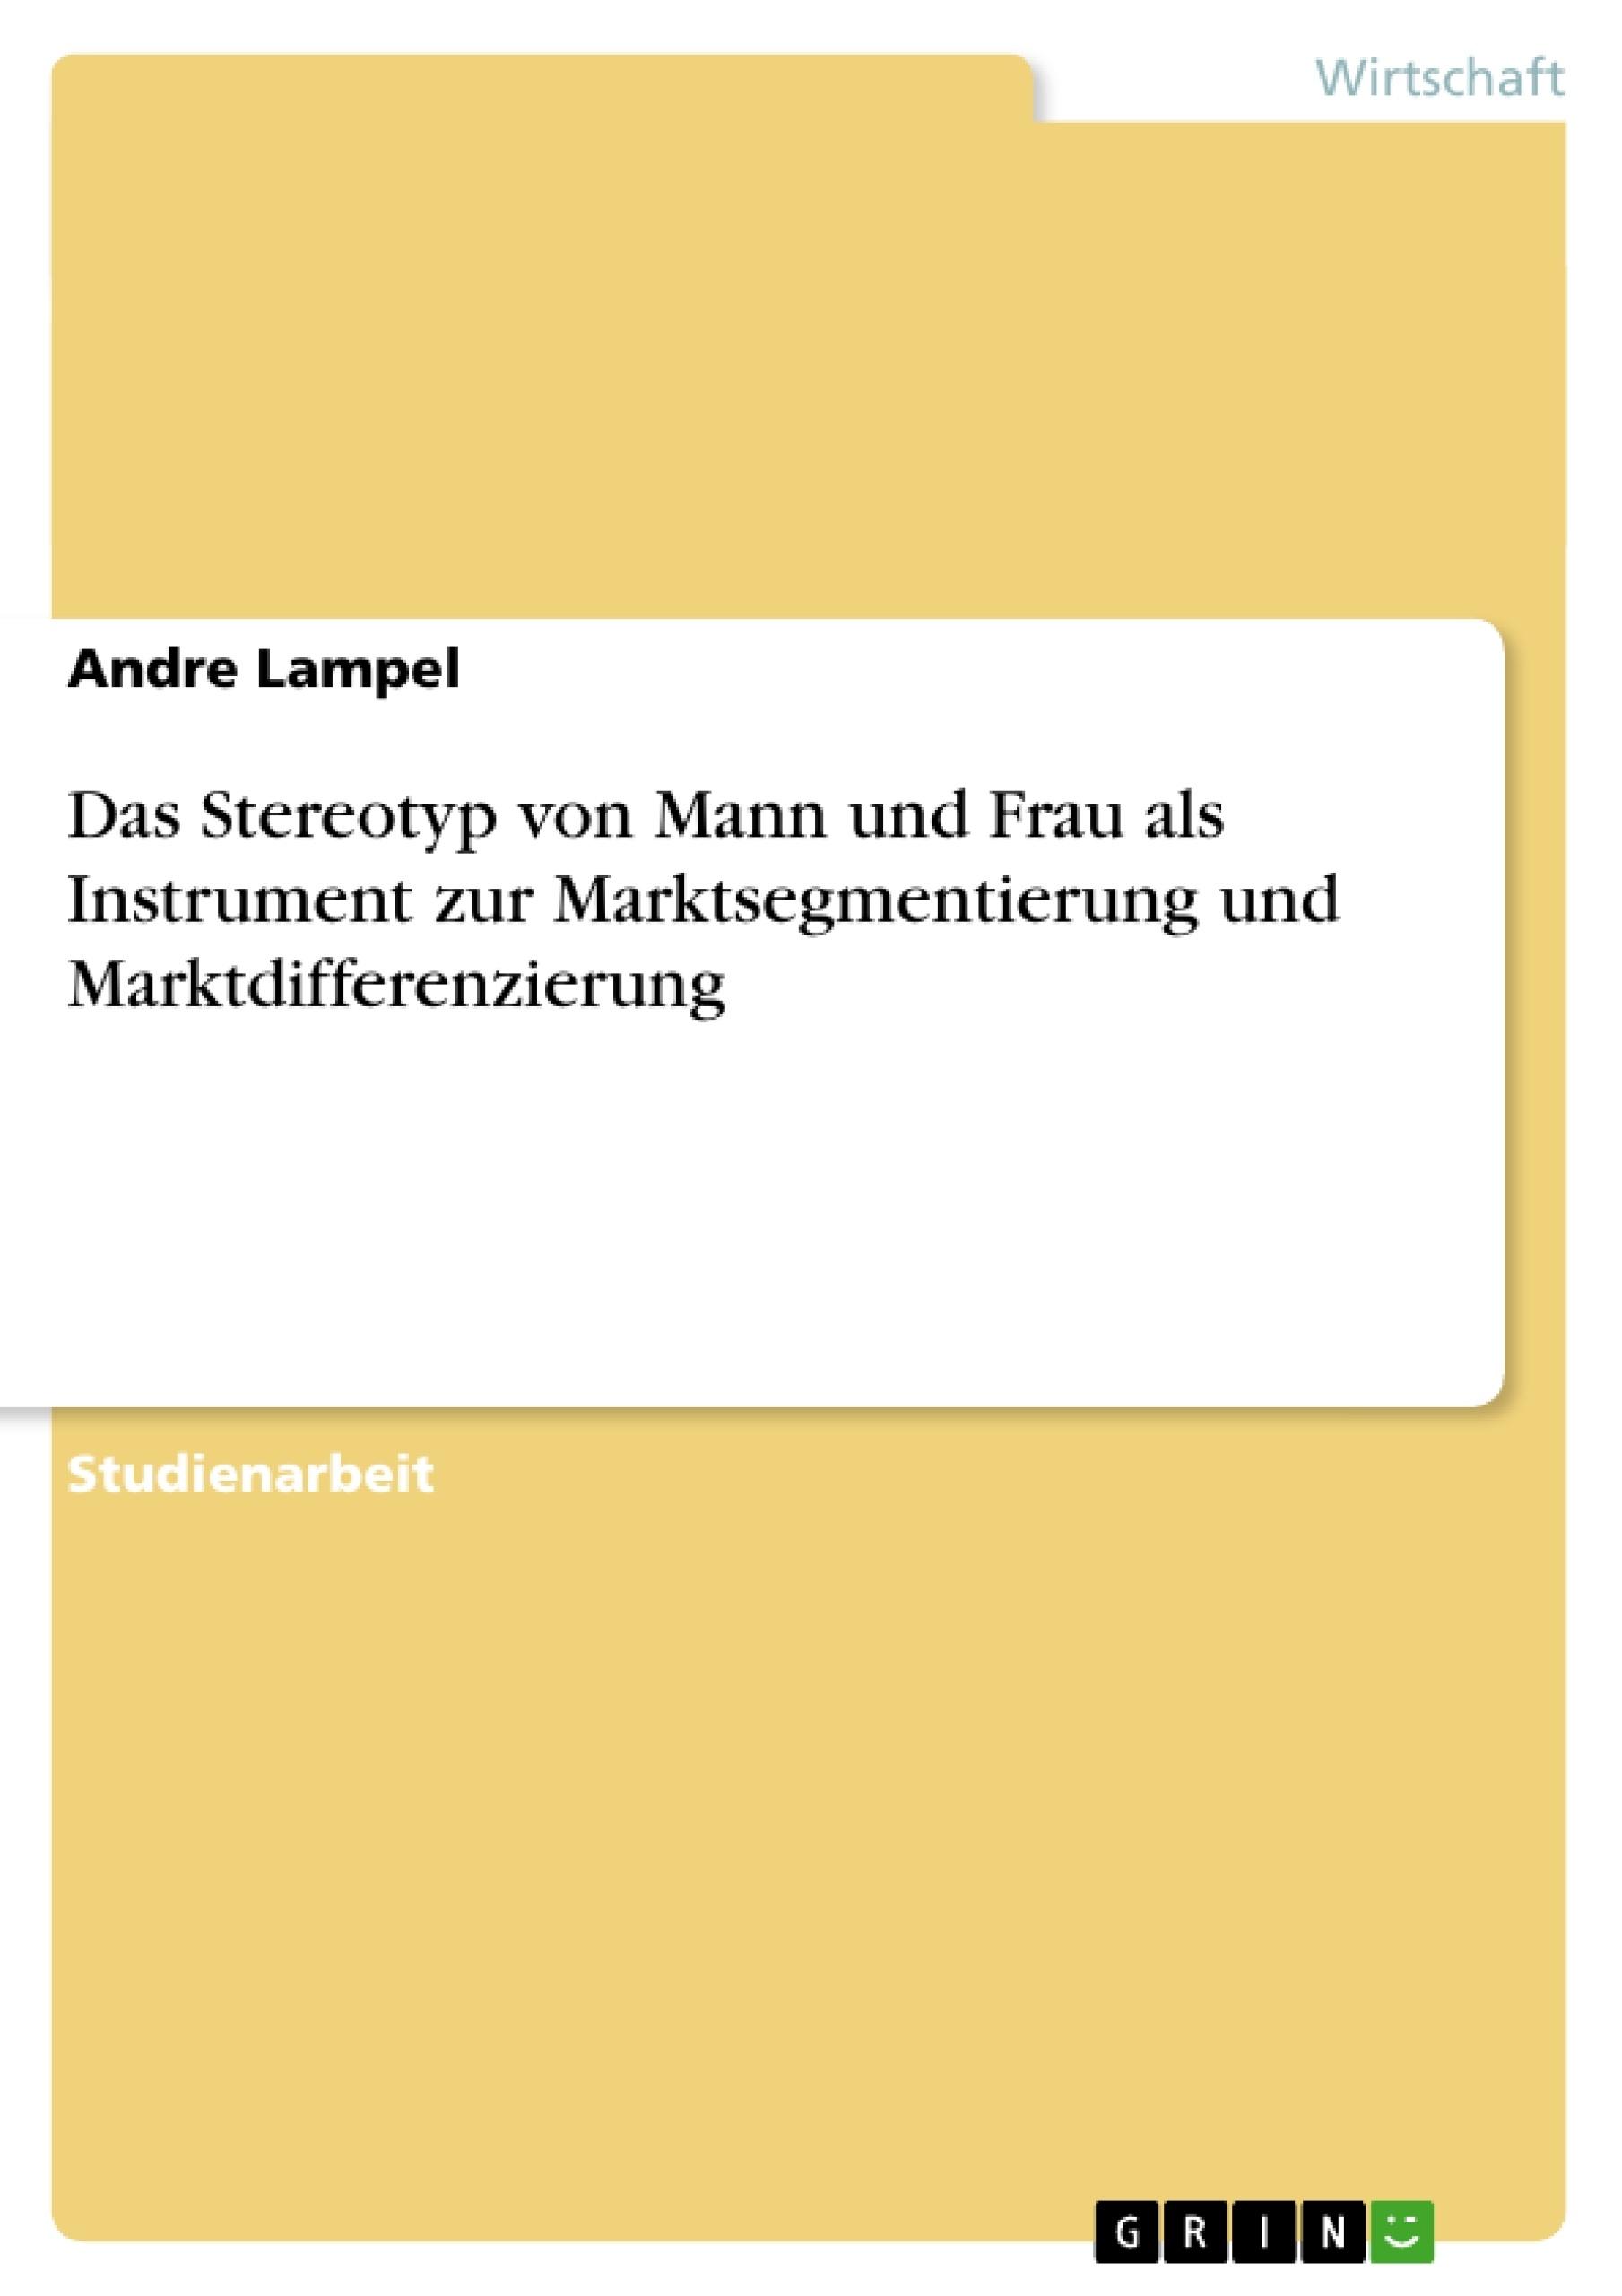 Titel: Das Stereotyp von Mann und Frau als Instrument zur Marktsegmentierung und Marktdifferenzierung